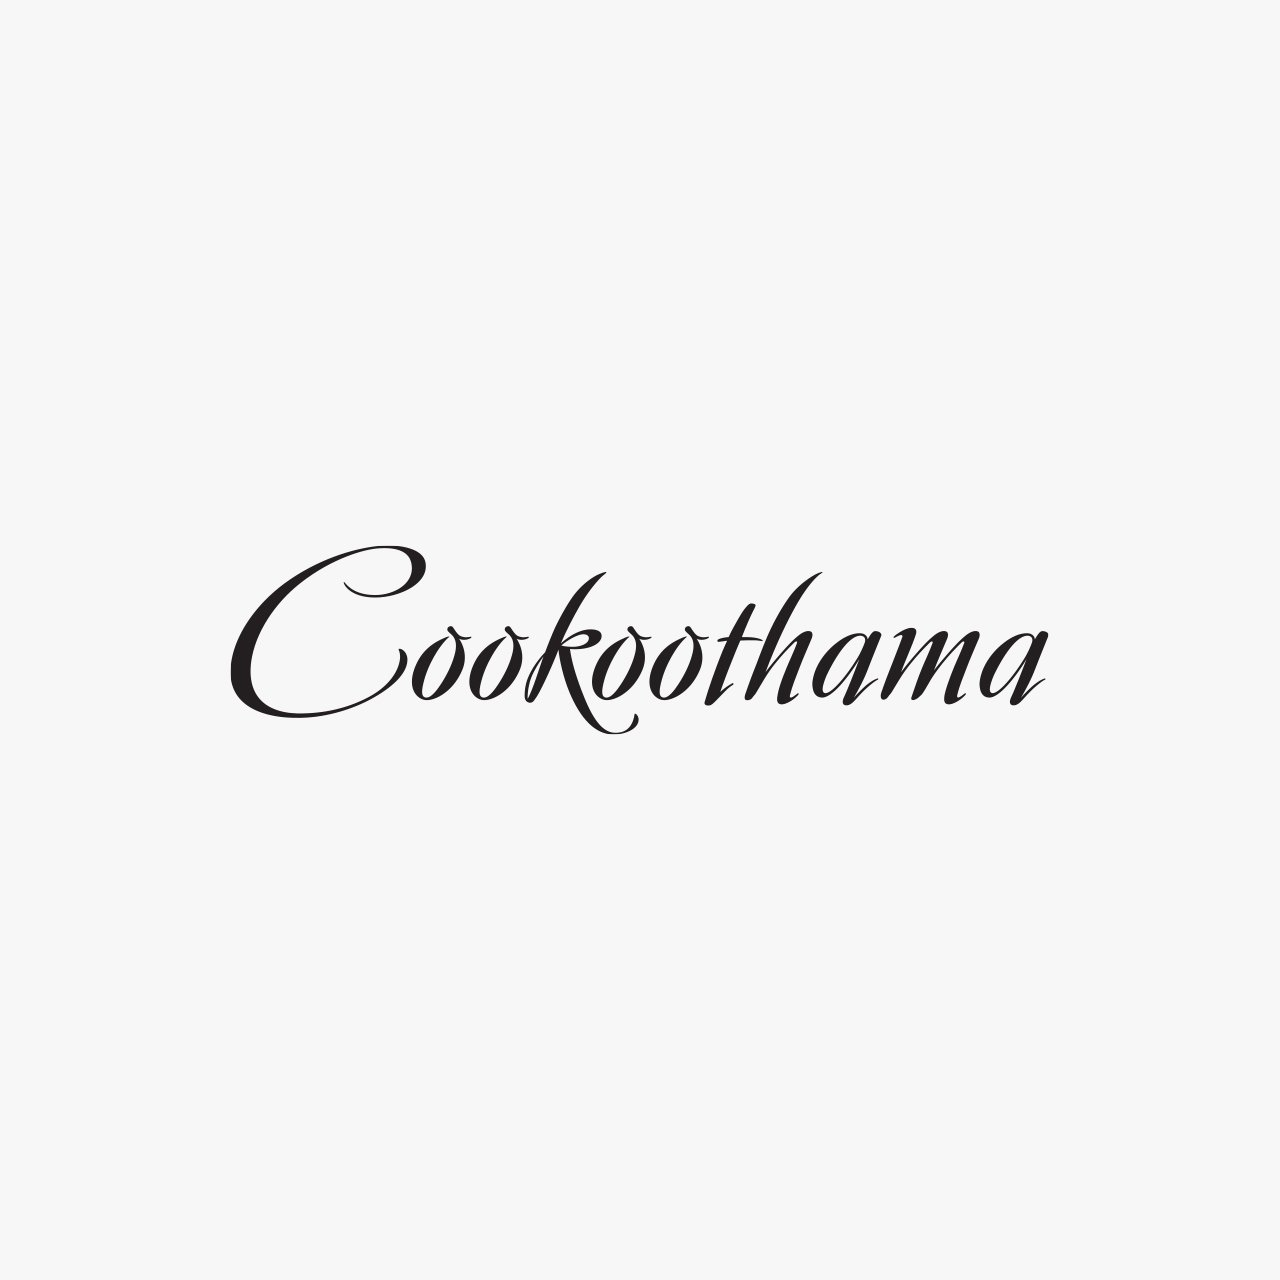 NuganCookoothama logo